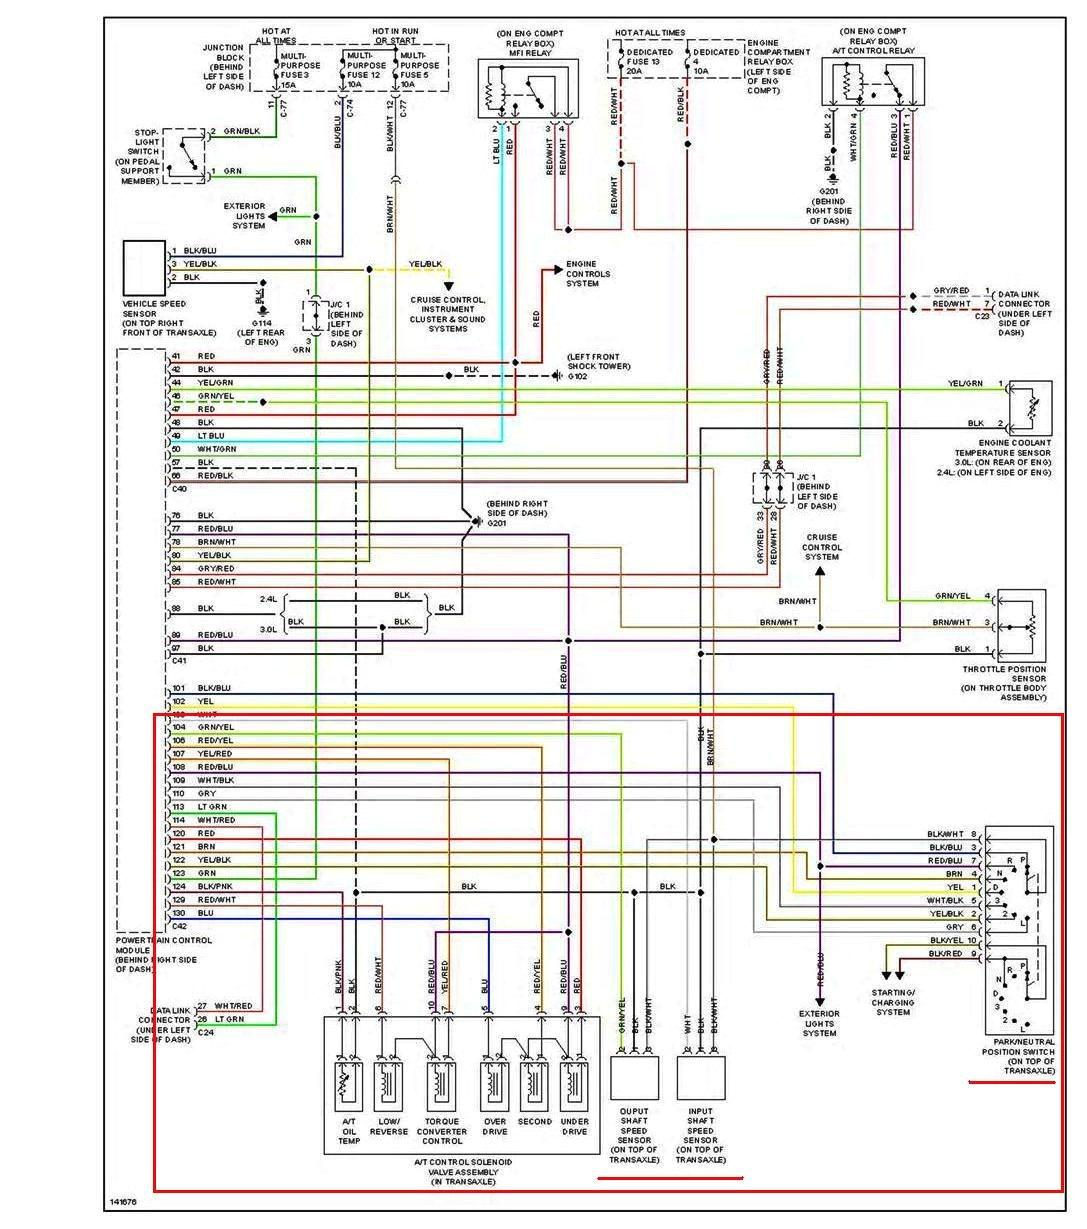 wiring diagram for 1999 mitsubishi lancer wiring diagrams konsult wiring diagram for 1999 mitsubishi eclipse